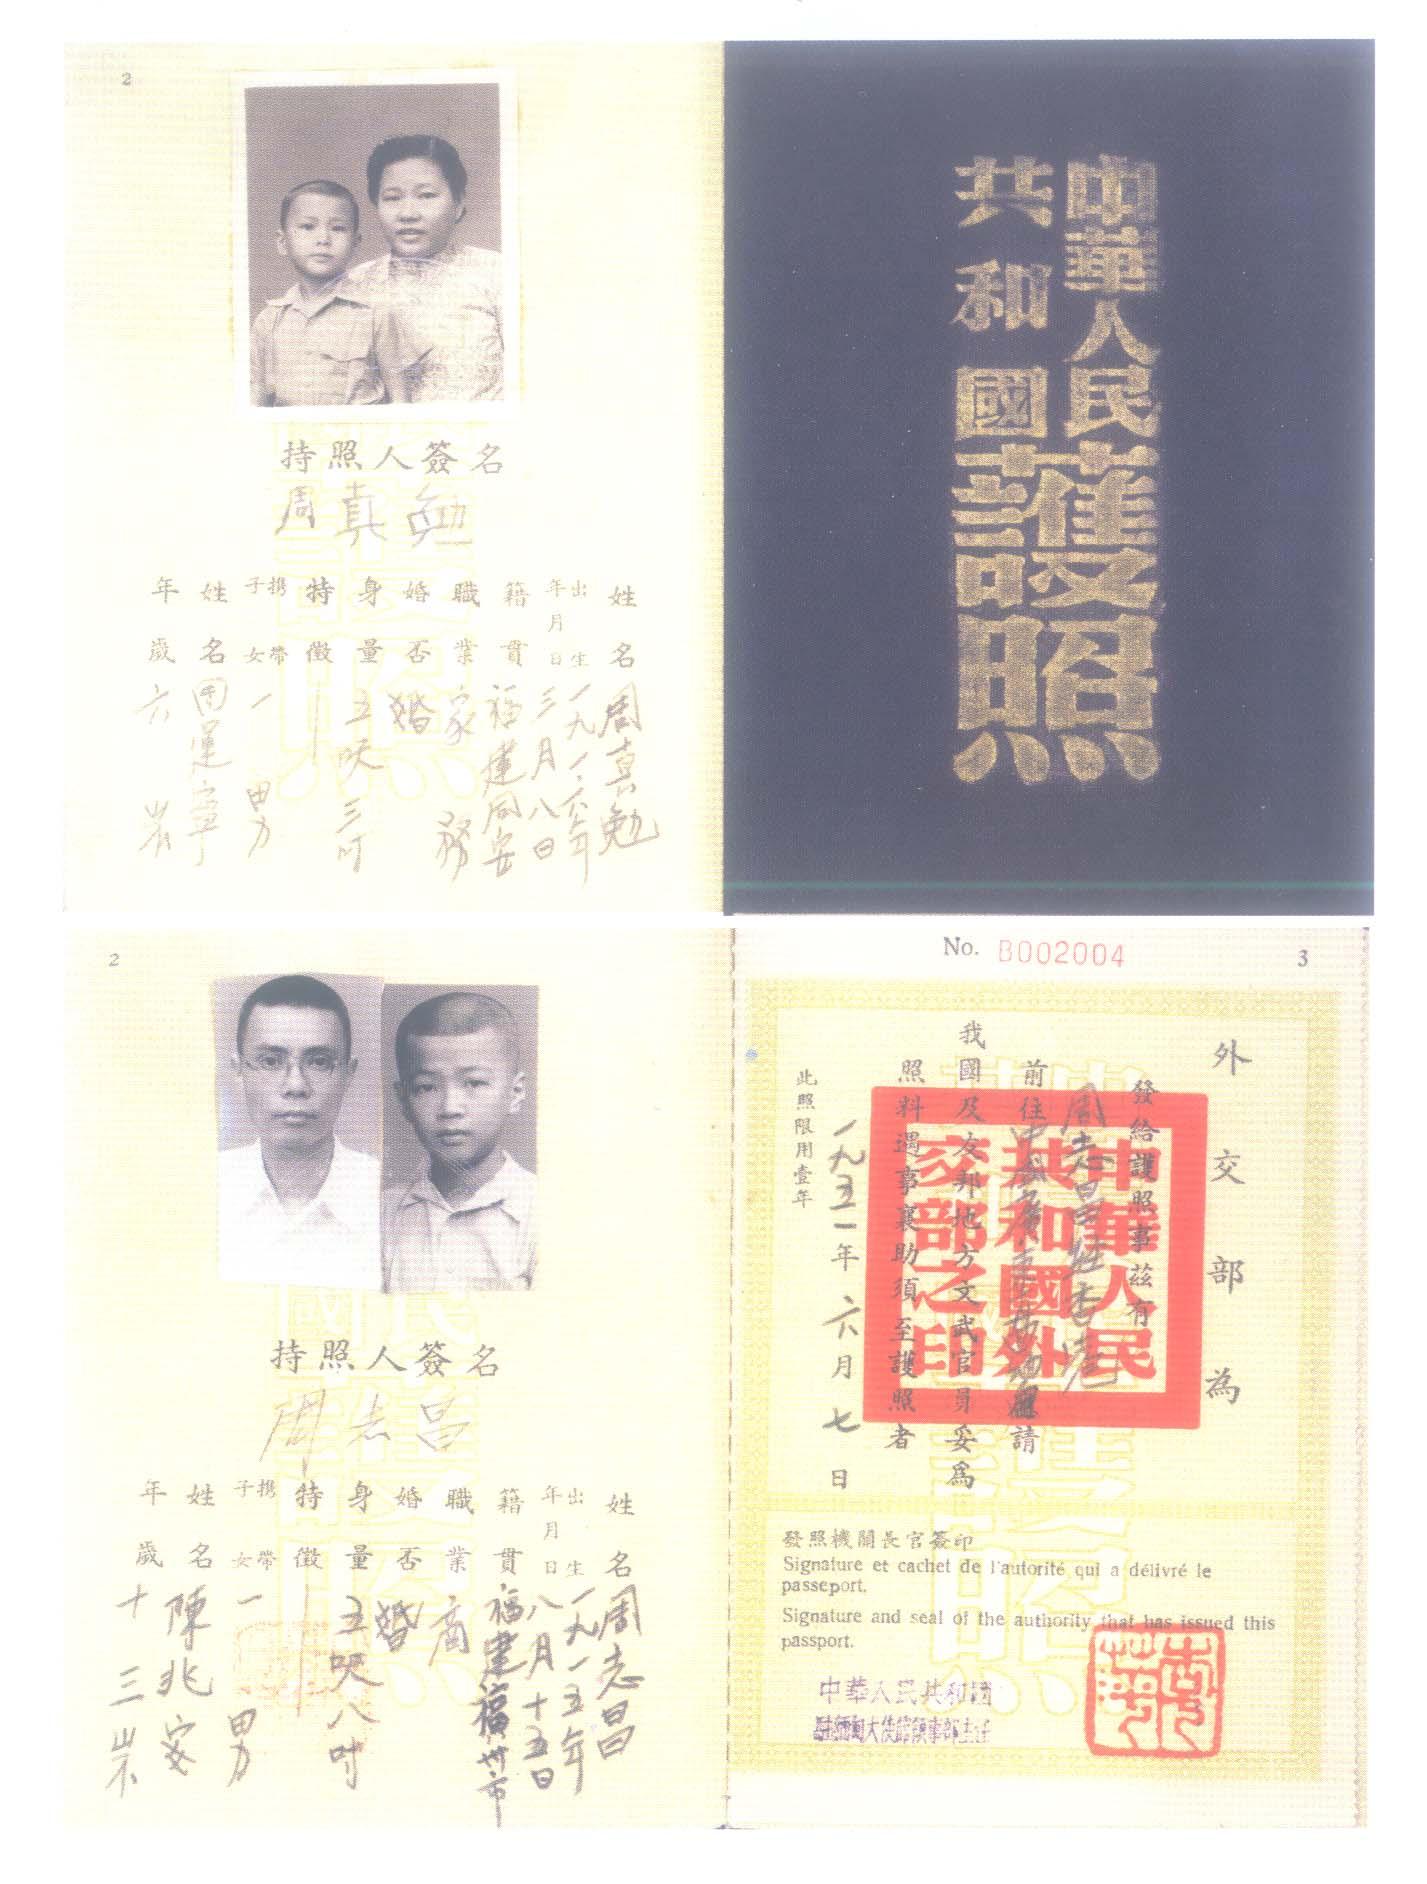 周运宁与大人回国时的护照.jpg